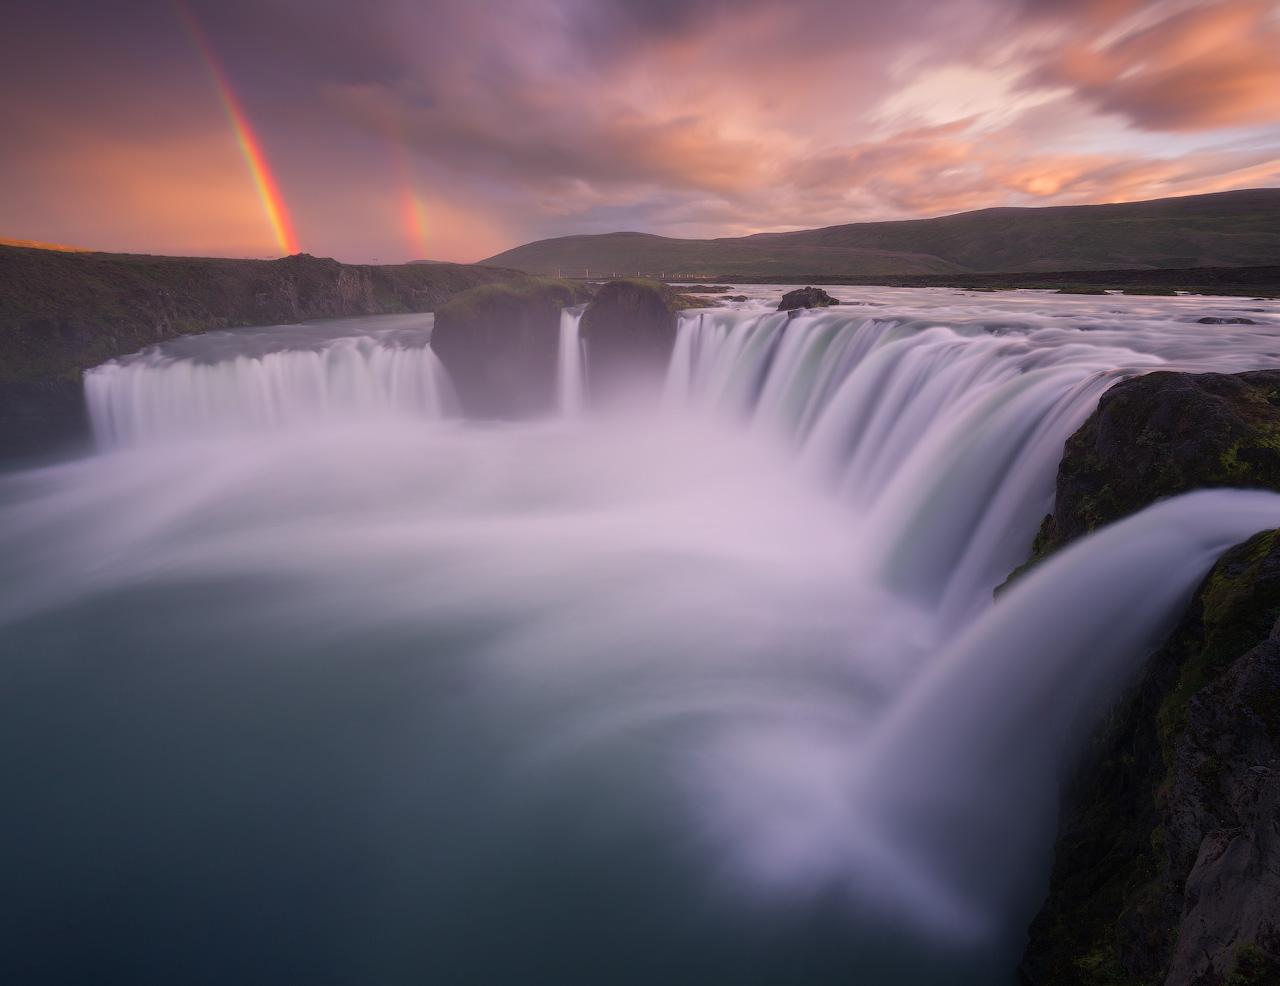 雄伟壮丽的众神瀑布(Goðafoss)雷鸣般坠入Skjálfandafljót河,同时可以看到绚丽的彩虹。